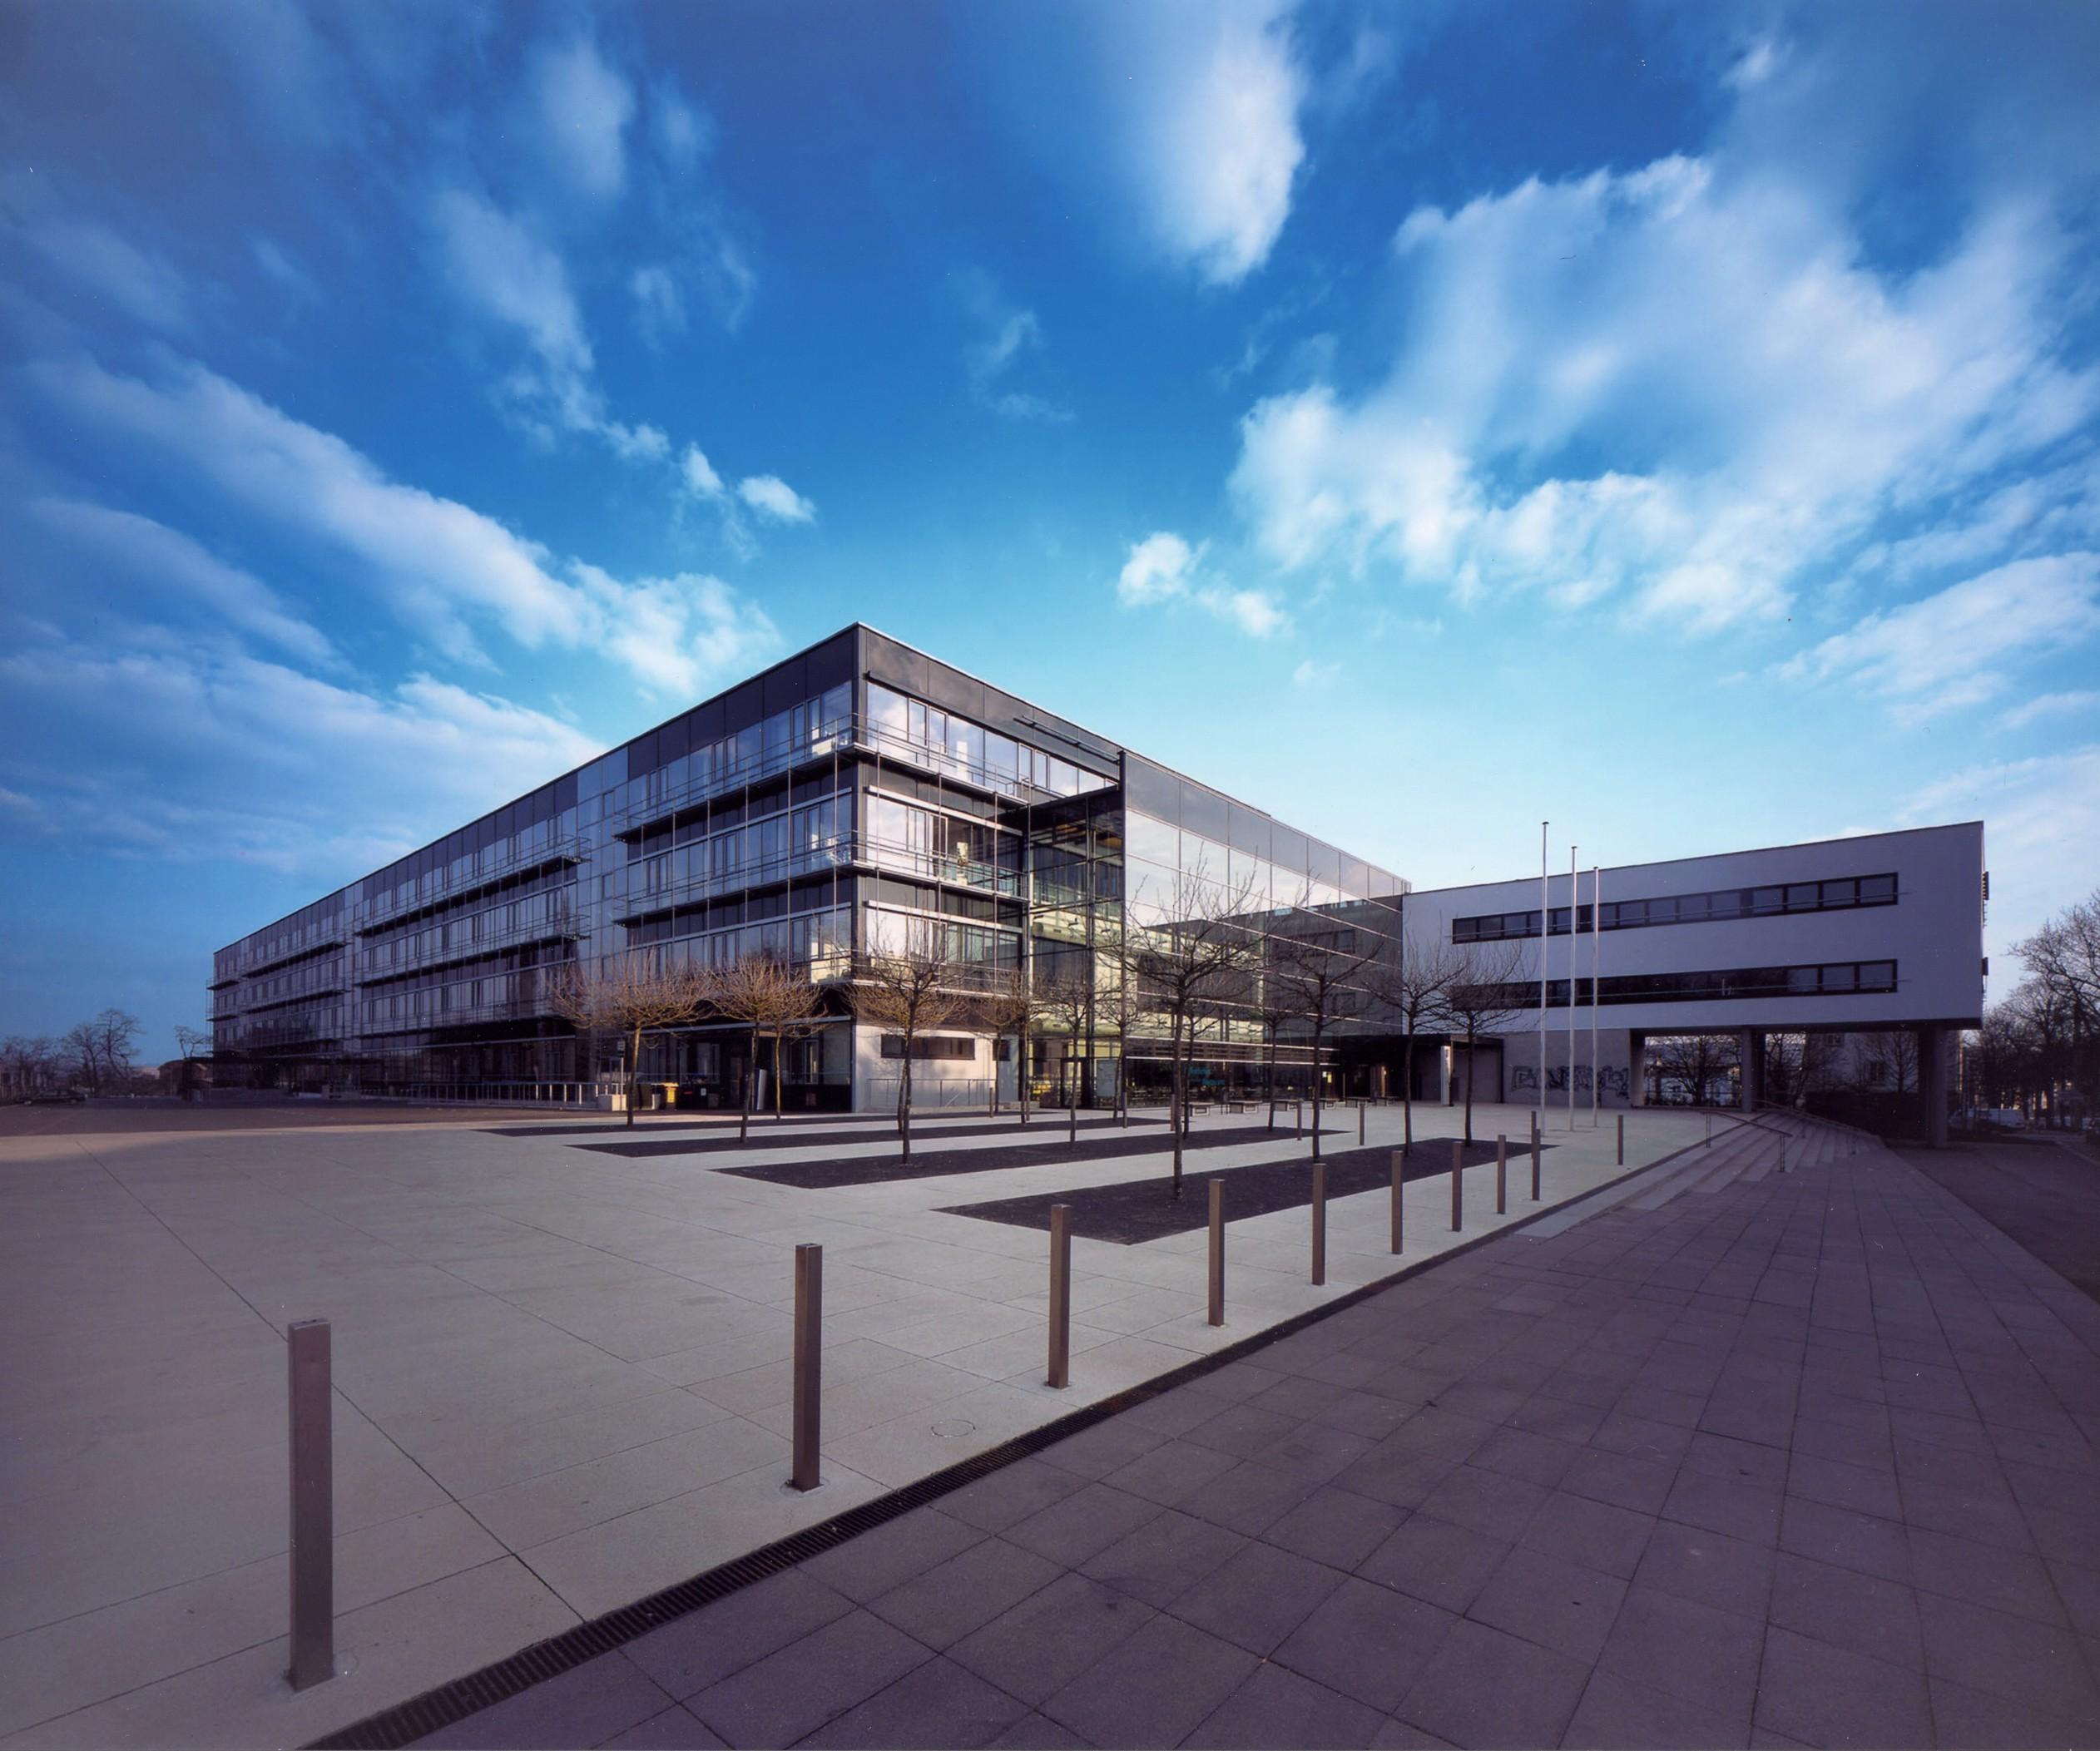 [Bild] Gebäudeansicht des Justizzentrums Erfurt